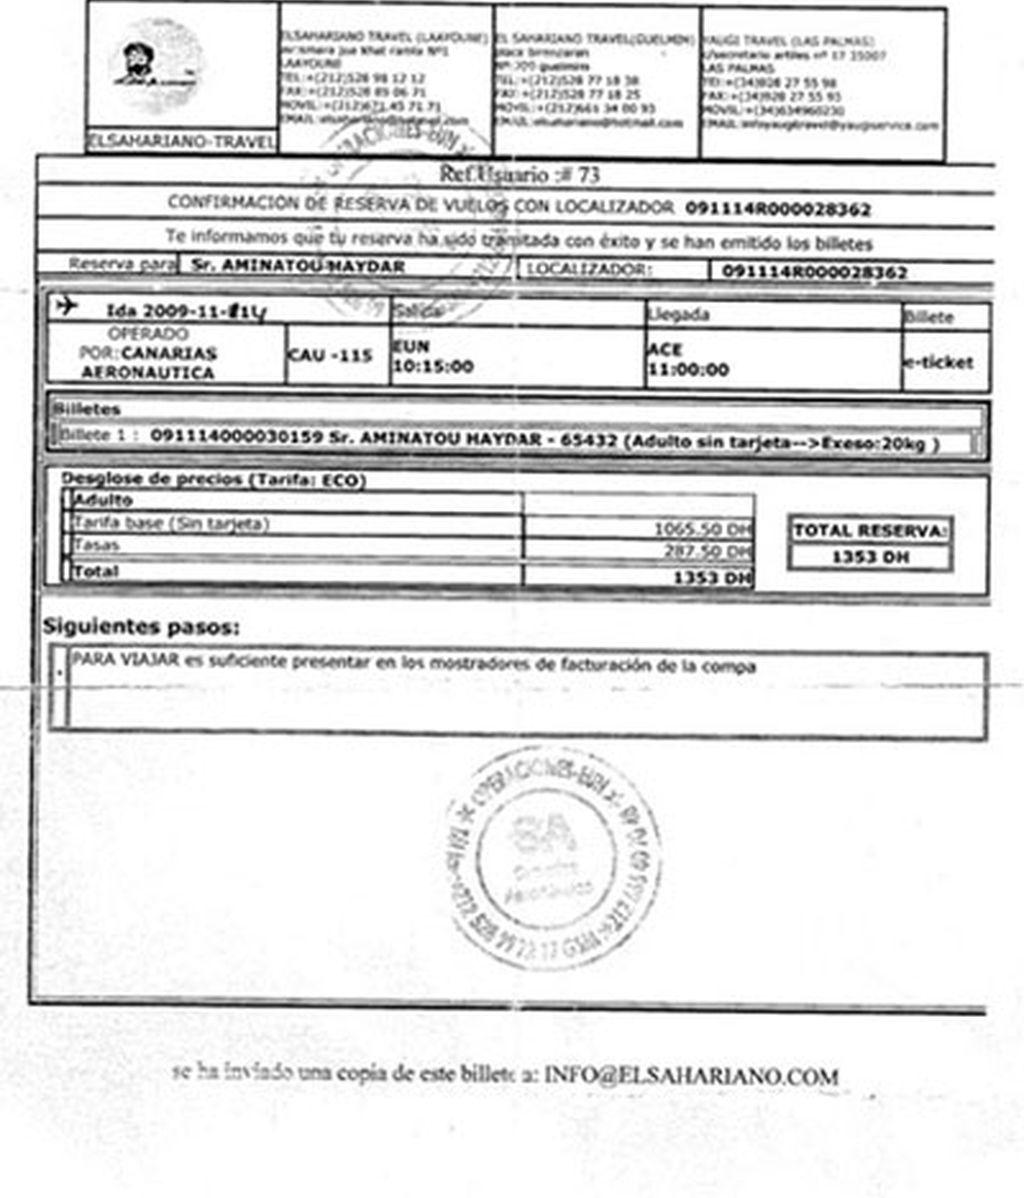 Haidar tenía reservado un vuelo para el 11 de noviembre y posteriormente se modificó a mano.